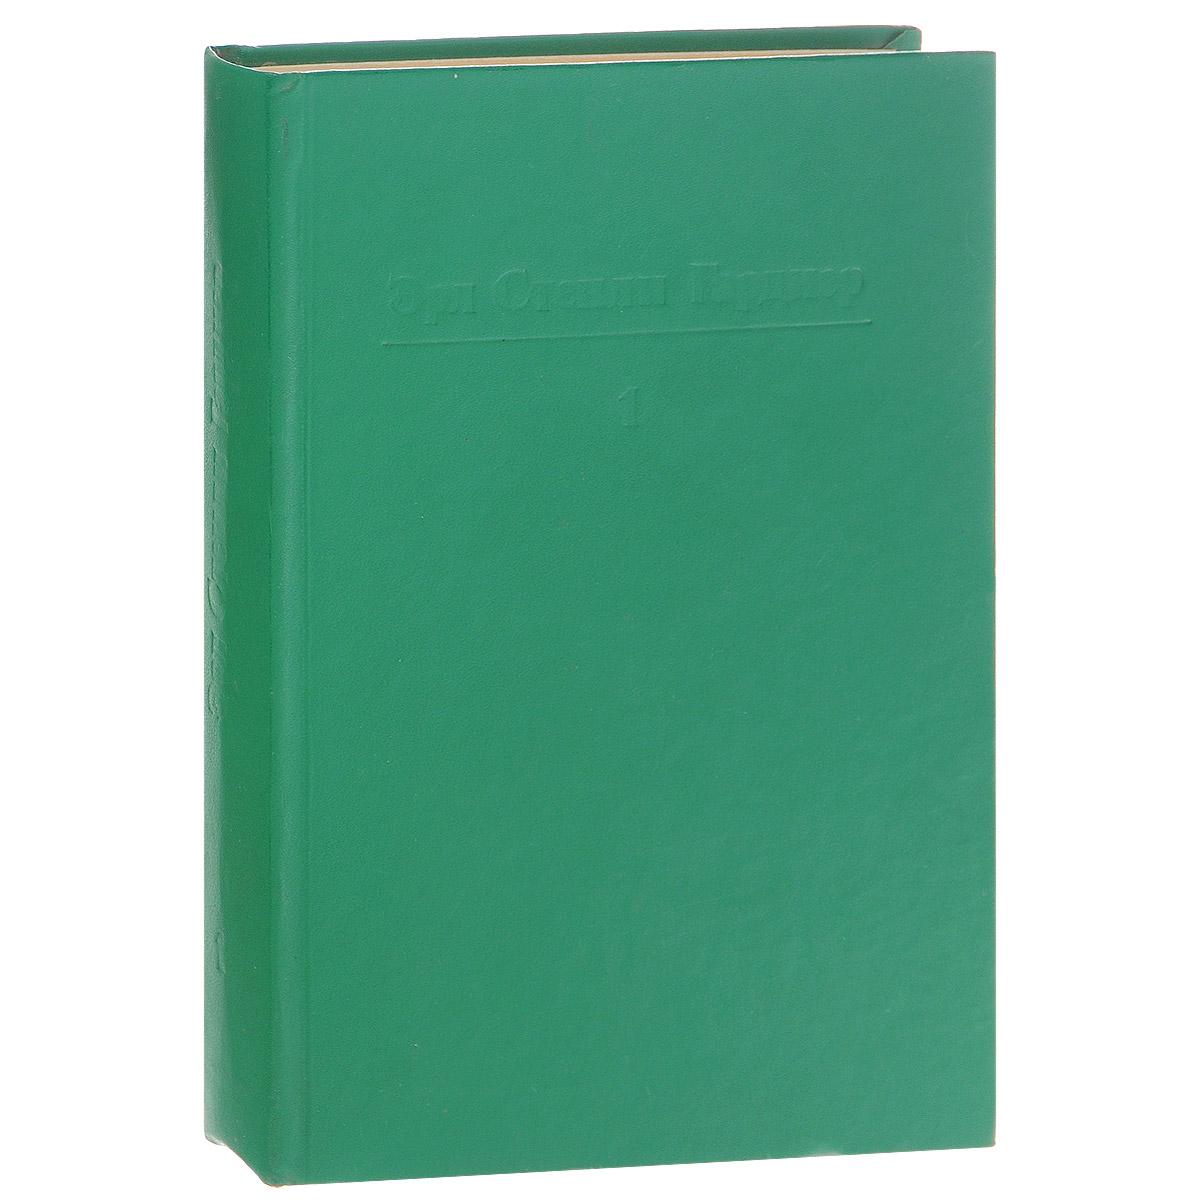 Эрл Стенли Гарднер. Собрание сочинений в 25 томах. Том 1. Адвокат Перри Мейсон